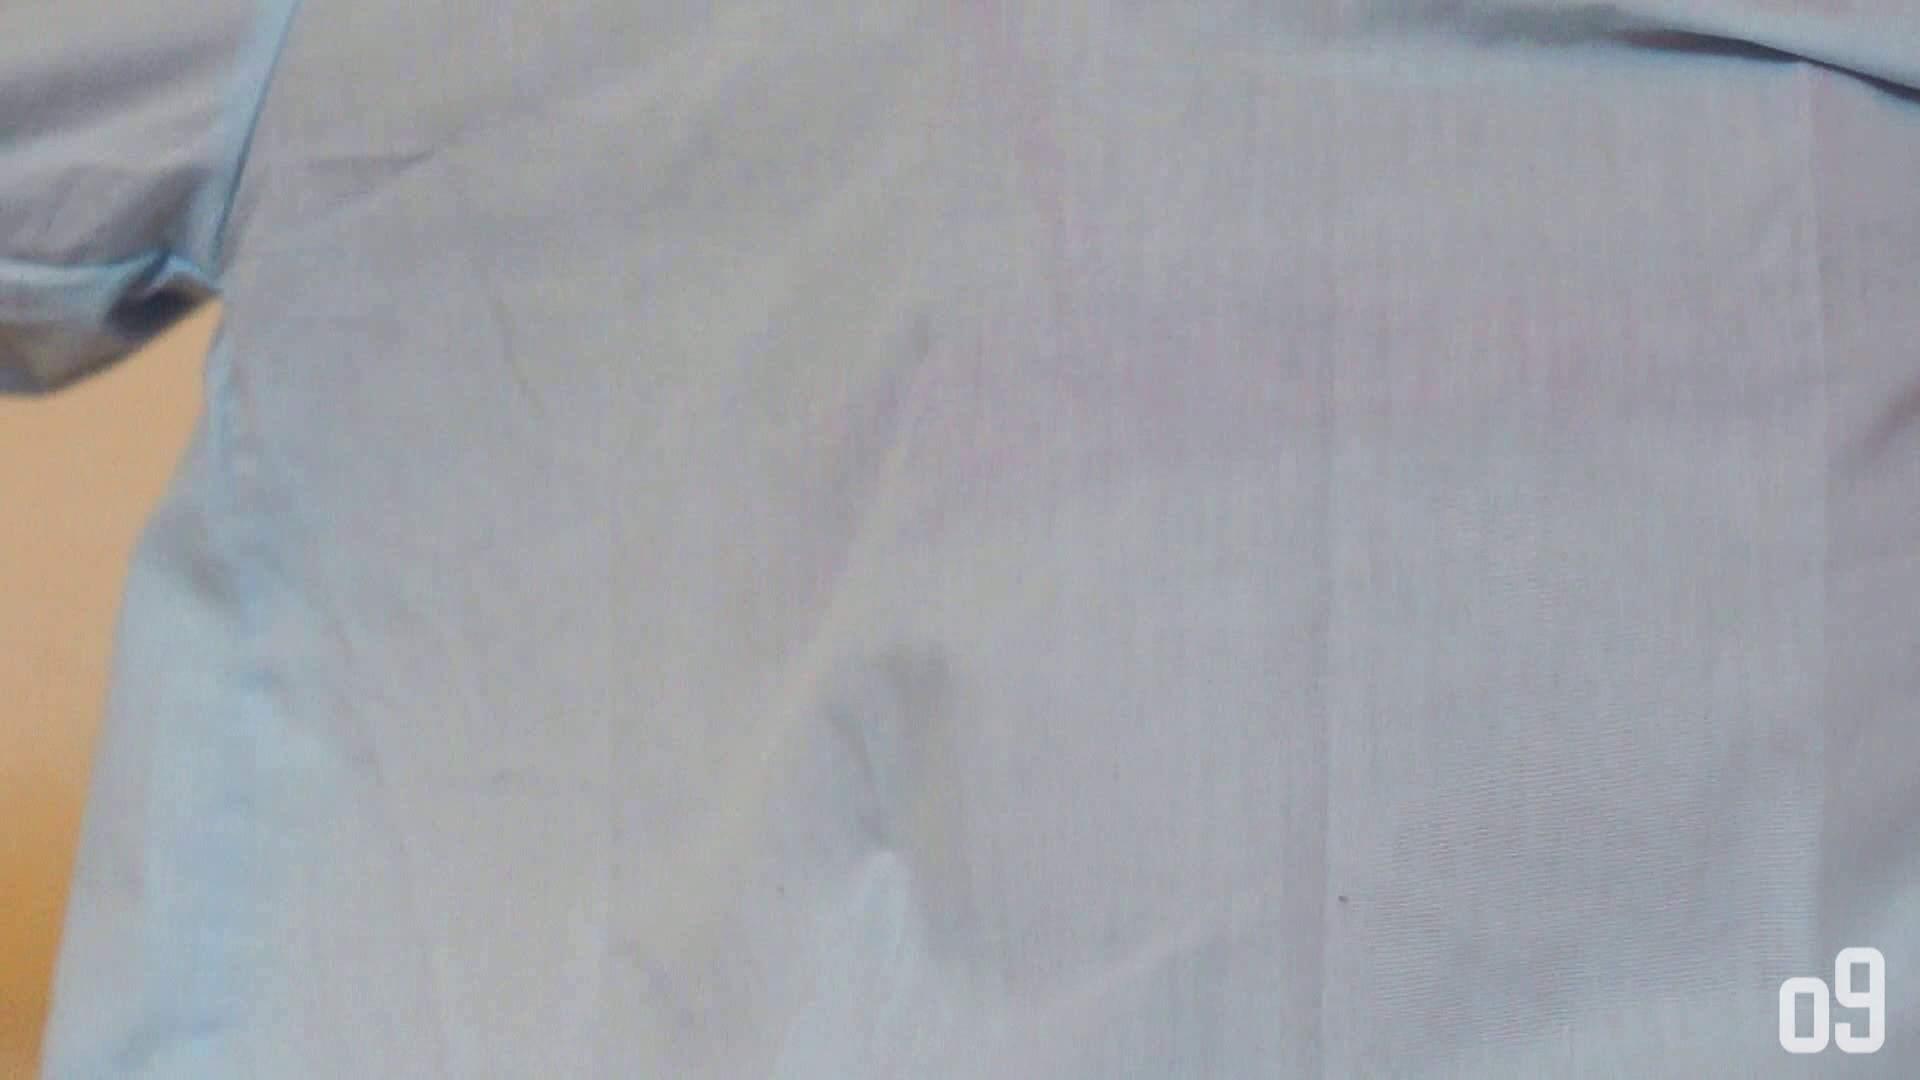 vol.2 制服に着替えてもらいました。 制服 スケベ動画紹介 71PIX 41